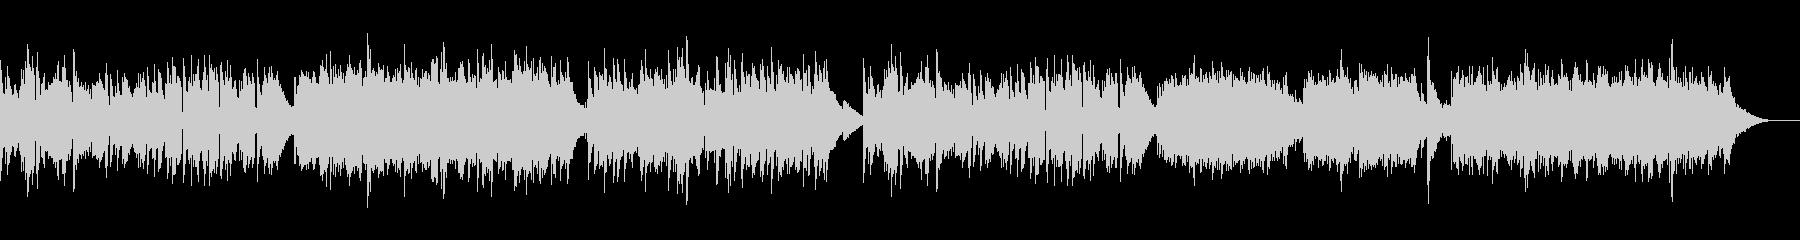 ハモりフレーズが特徴の明るい曲の未再生の波形